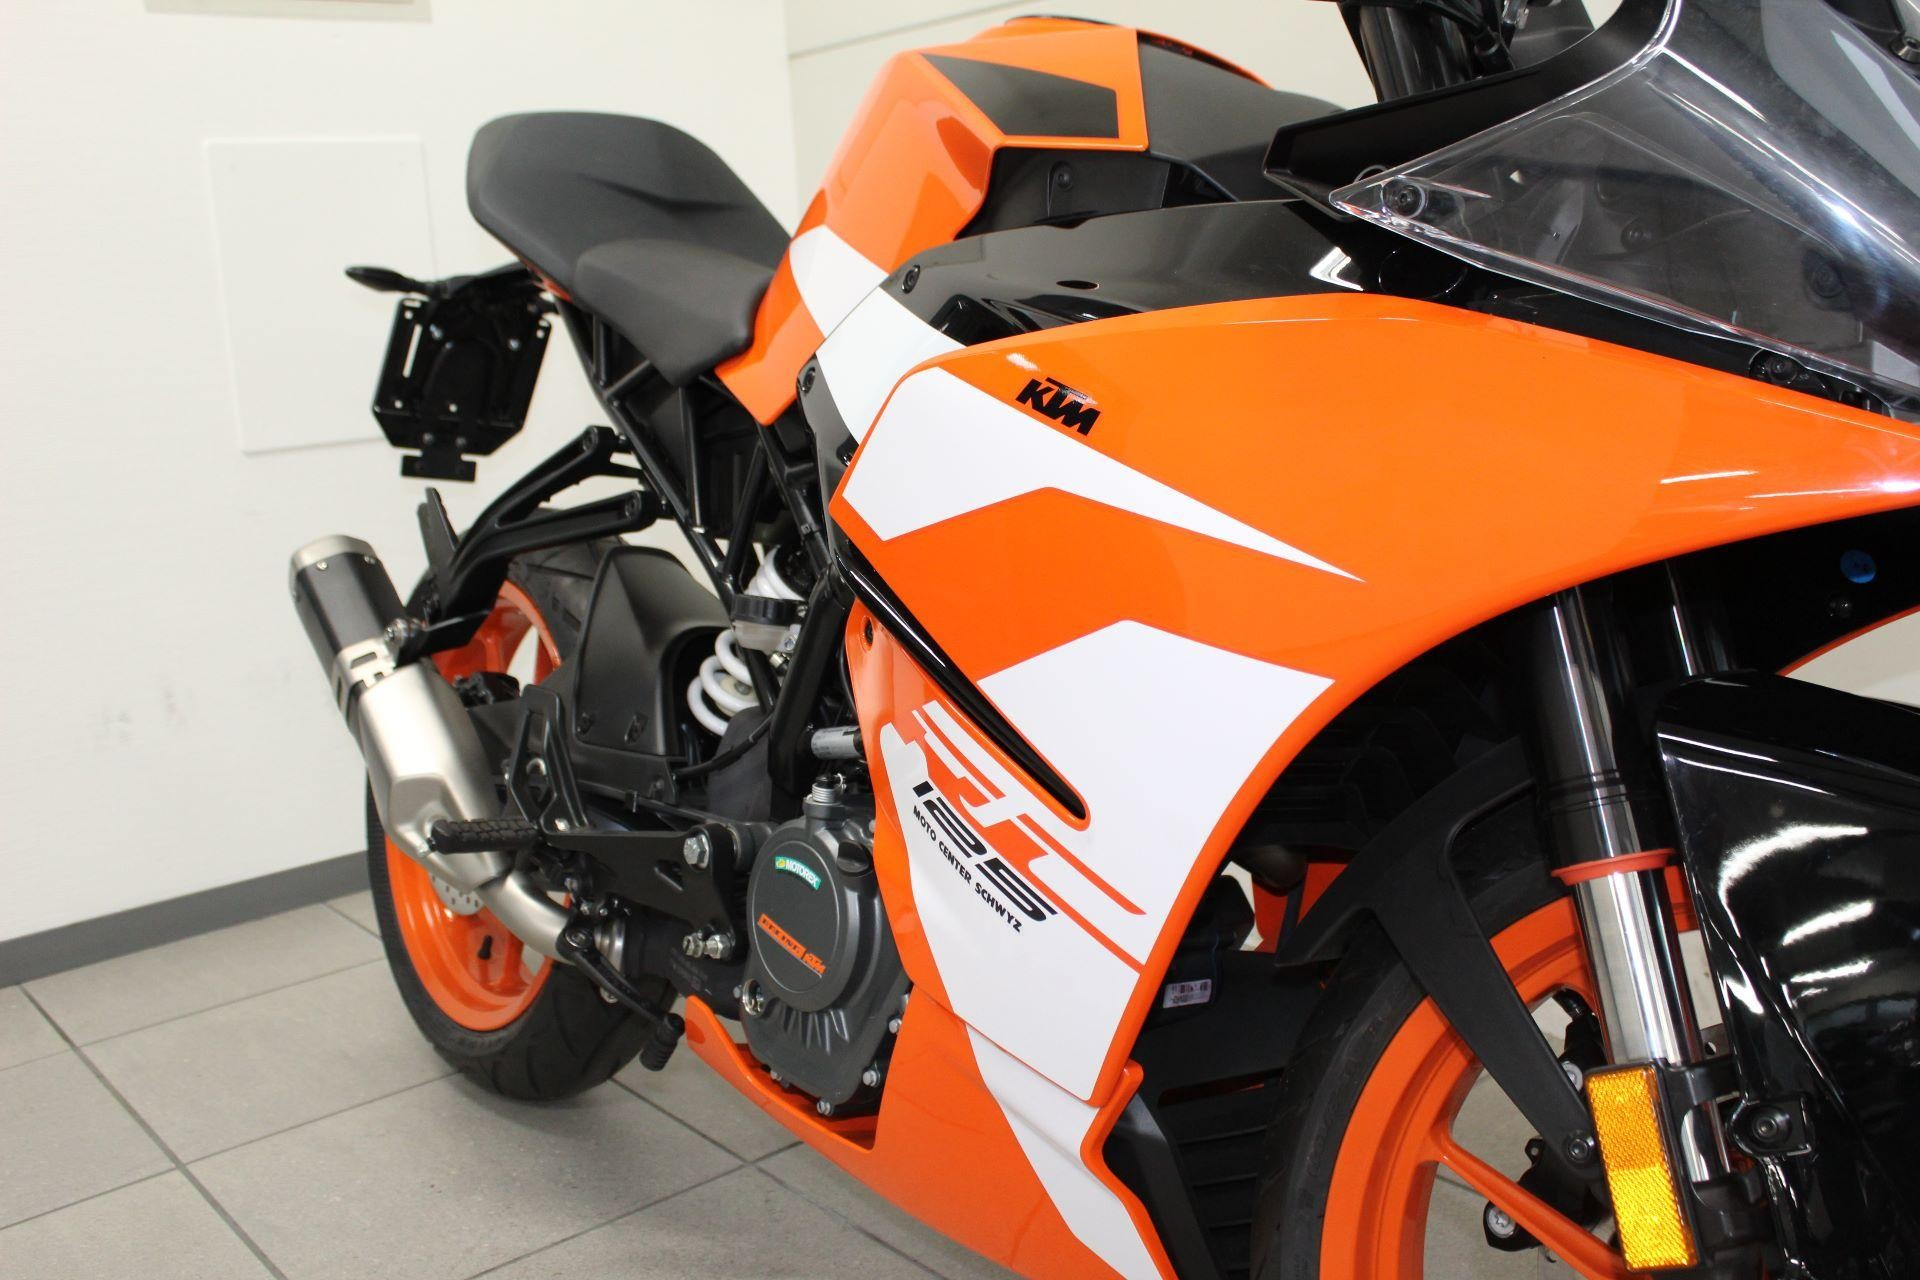 moto neuve acheter ktm 125 rc supersport moto center schwyz ag seewen schwyz. Black Bedroom Furniture Sets. Home Design Ideas